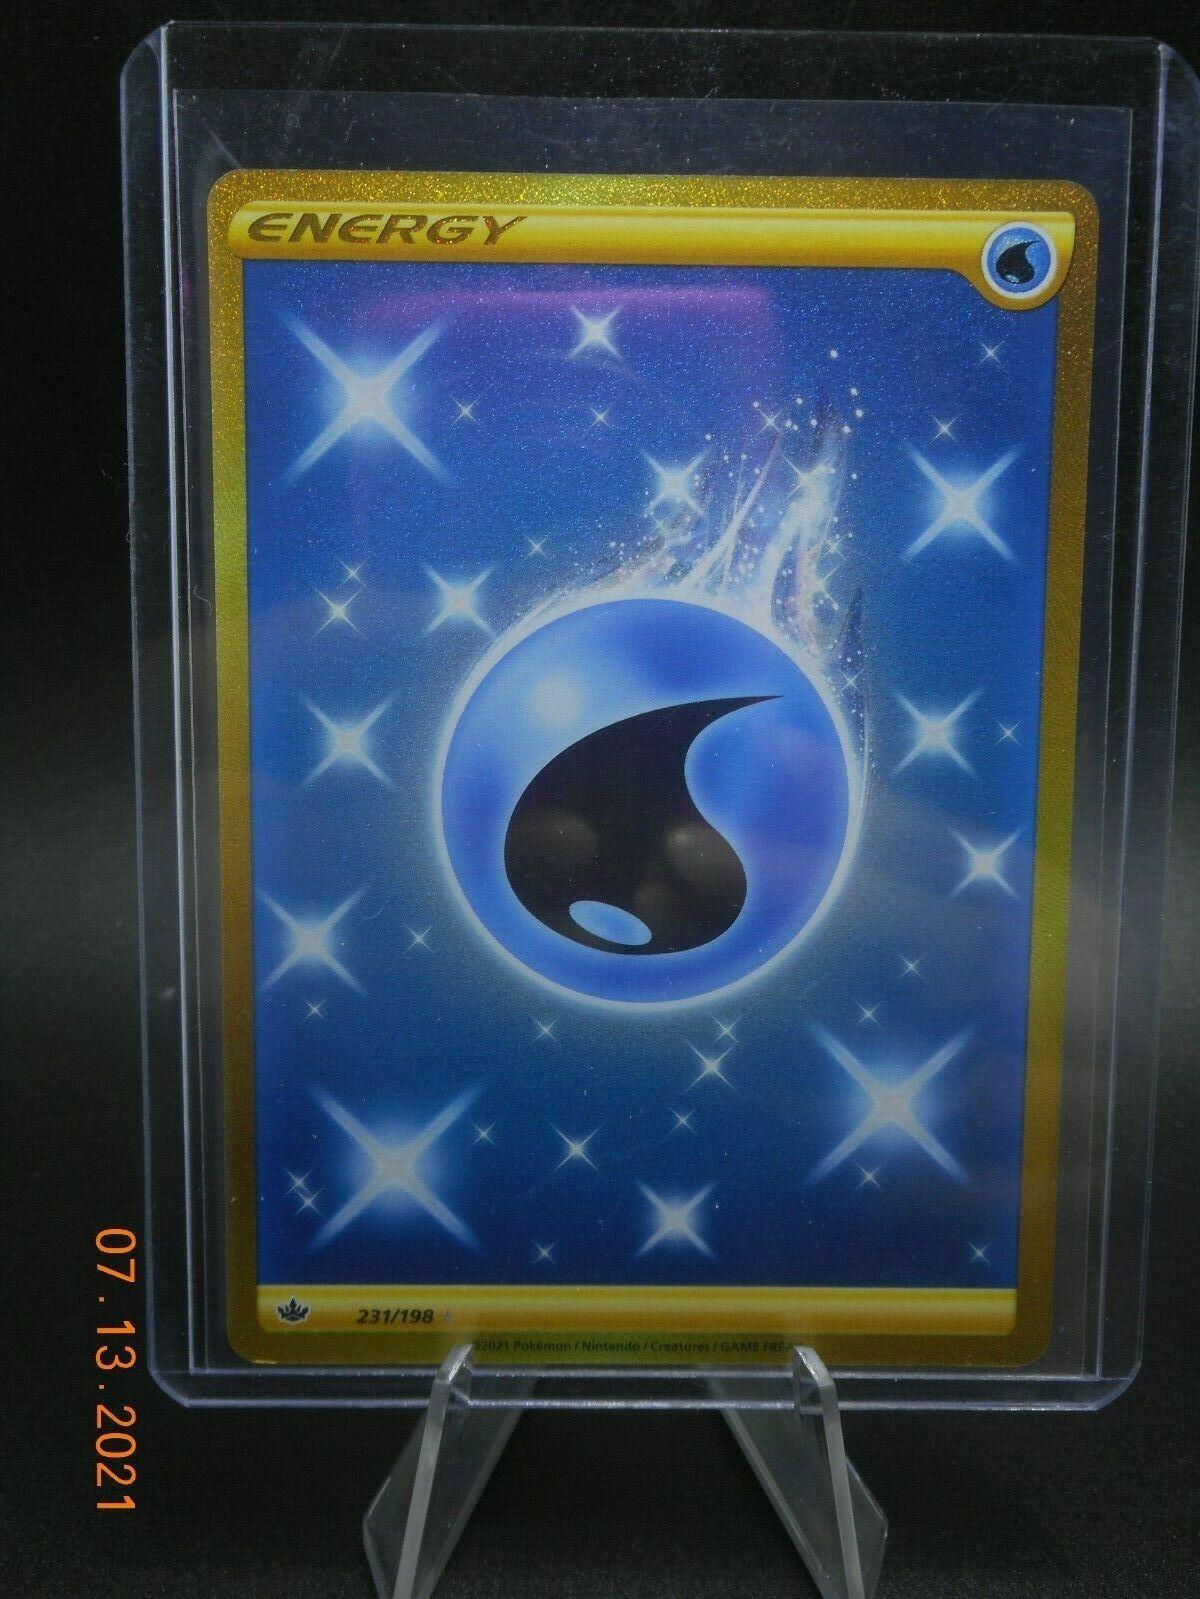 Pokemon TCG - Gold Water Energy - Secret Rare - 231/198 - Chilling Reign